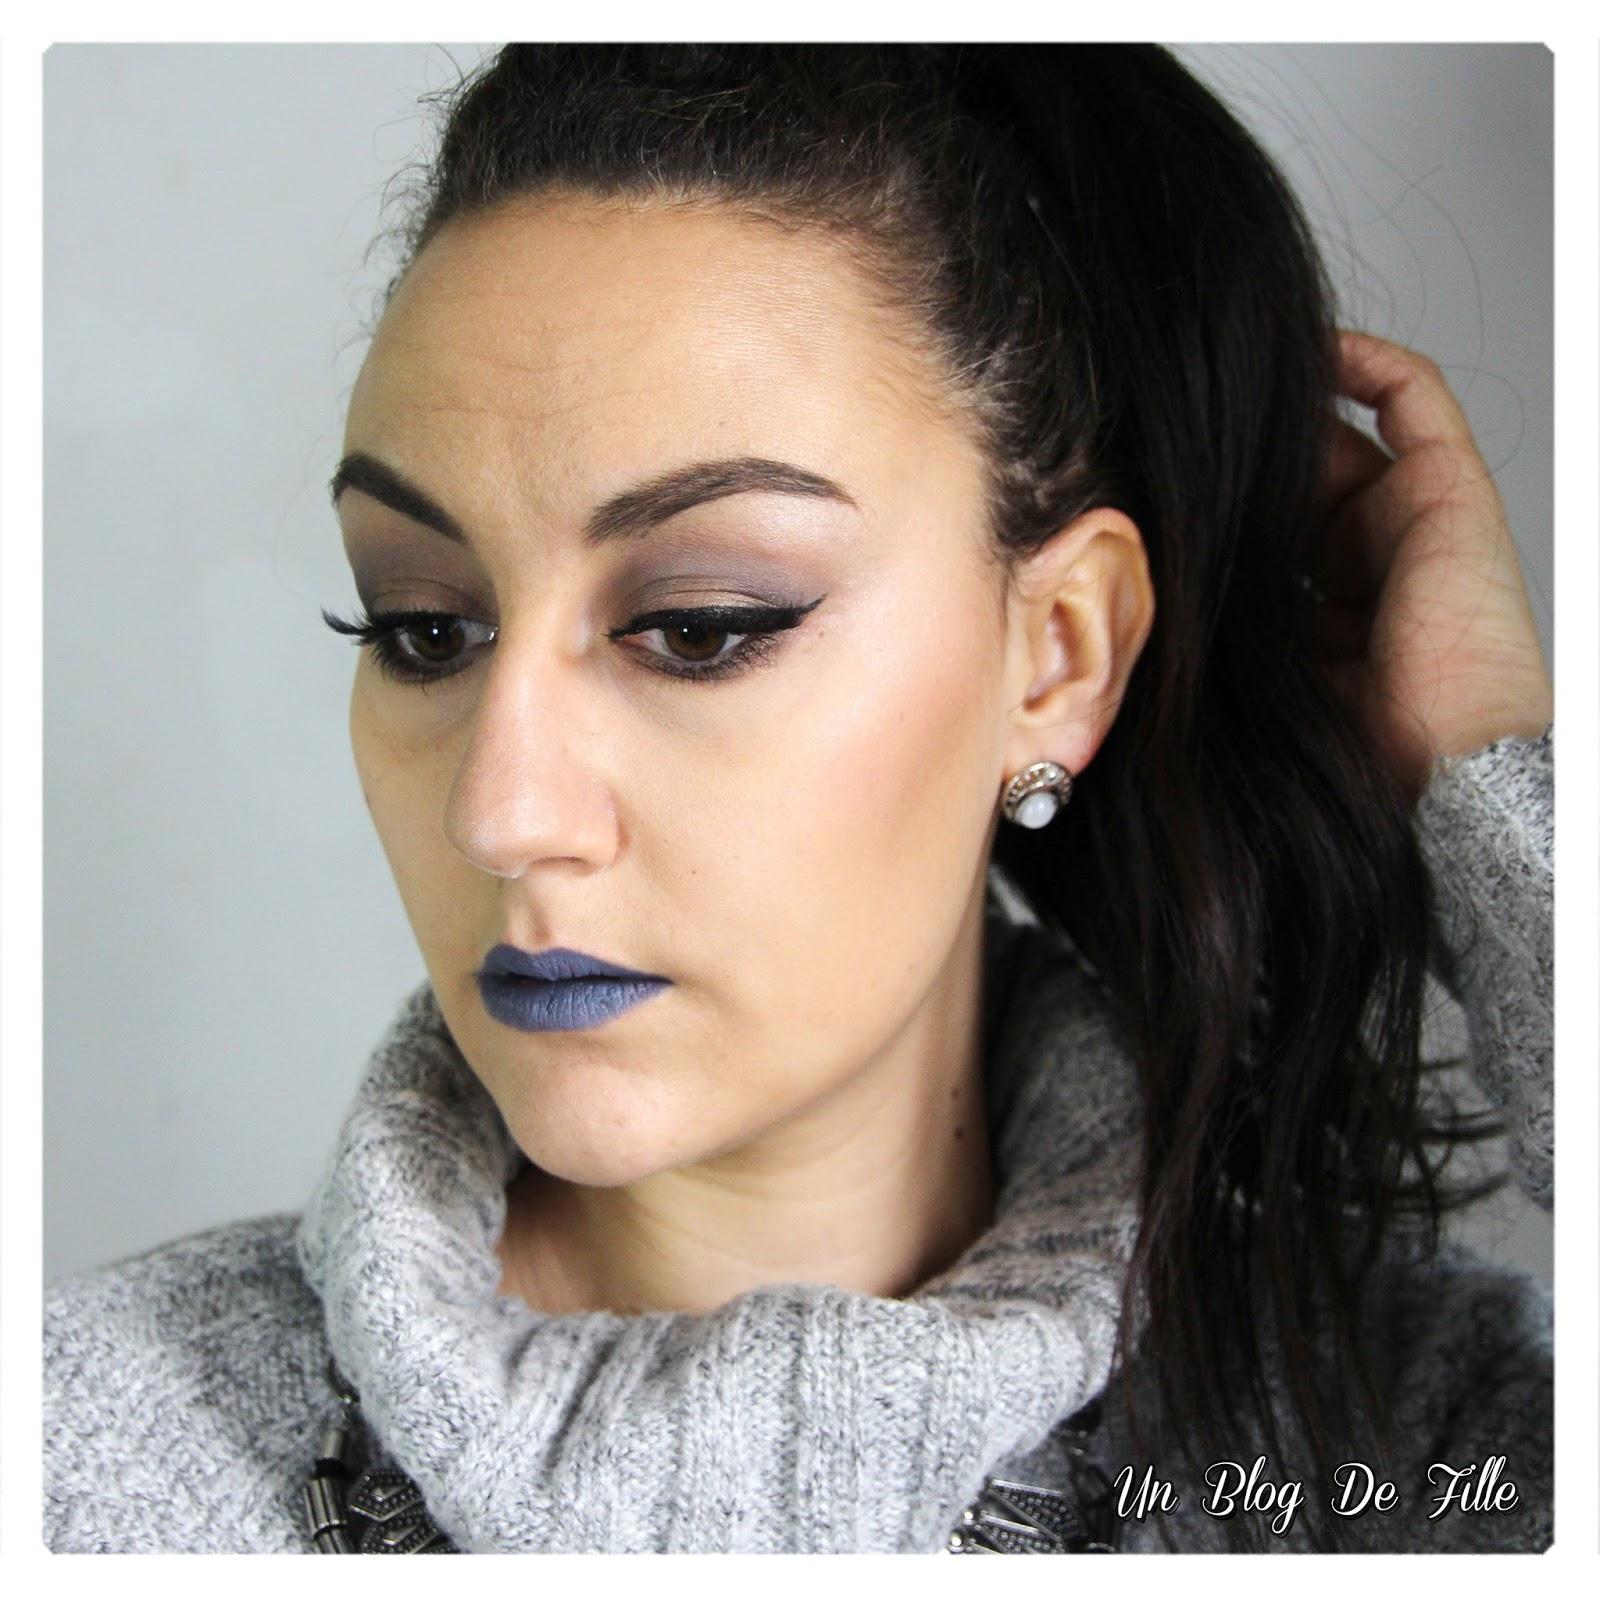 http://unblogdefille.blogspot.fr/2018/02/maquillage-jose-le-rouge-levres-gris.html